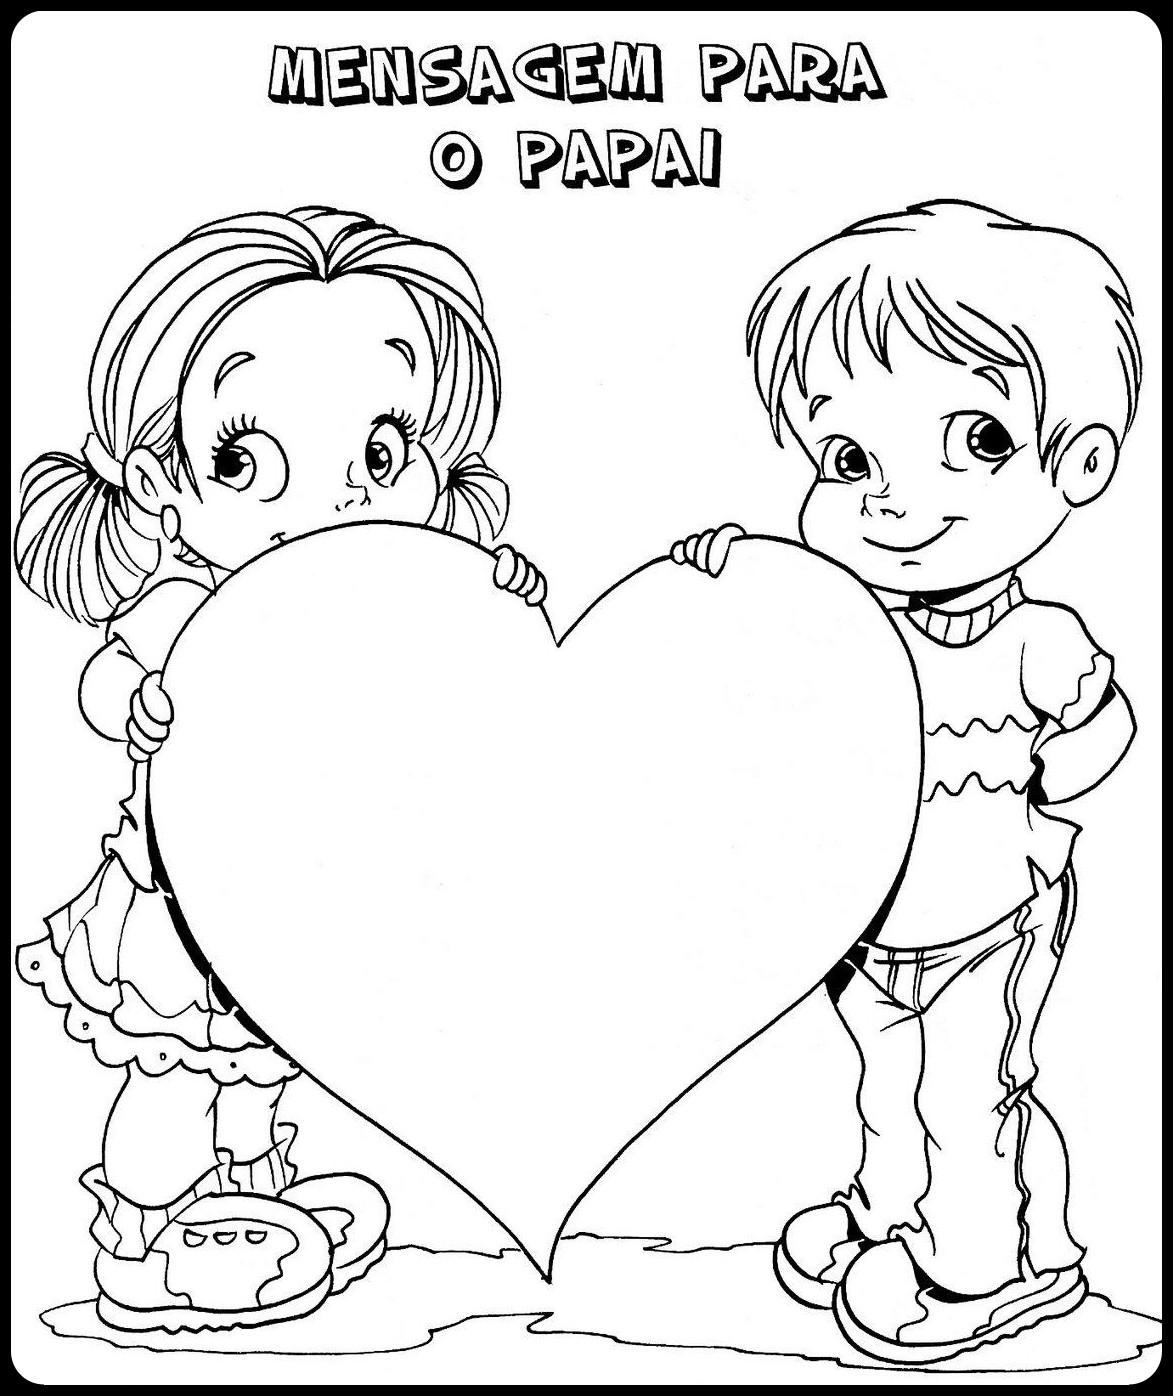 Cartoes E Mensagens Para O Dia Dos Pais Para Imprimir Luanna Pimentel